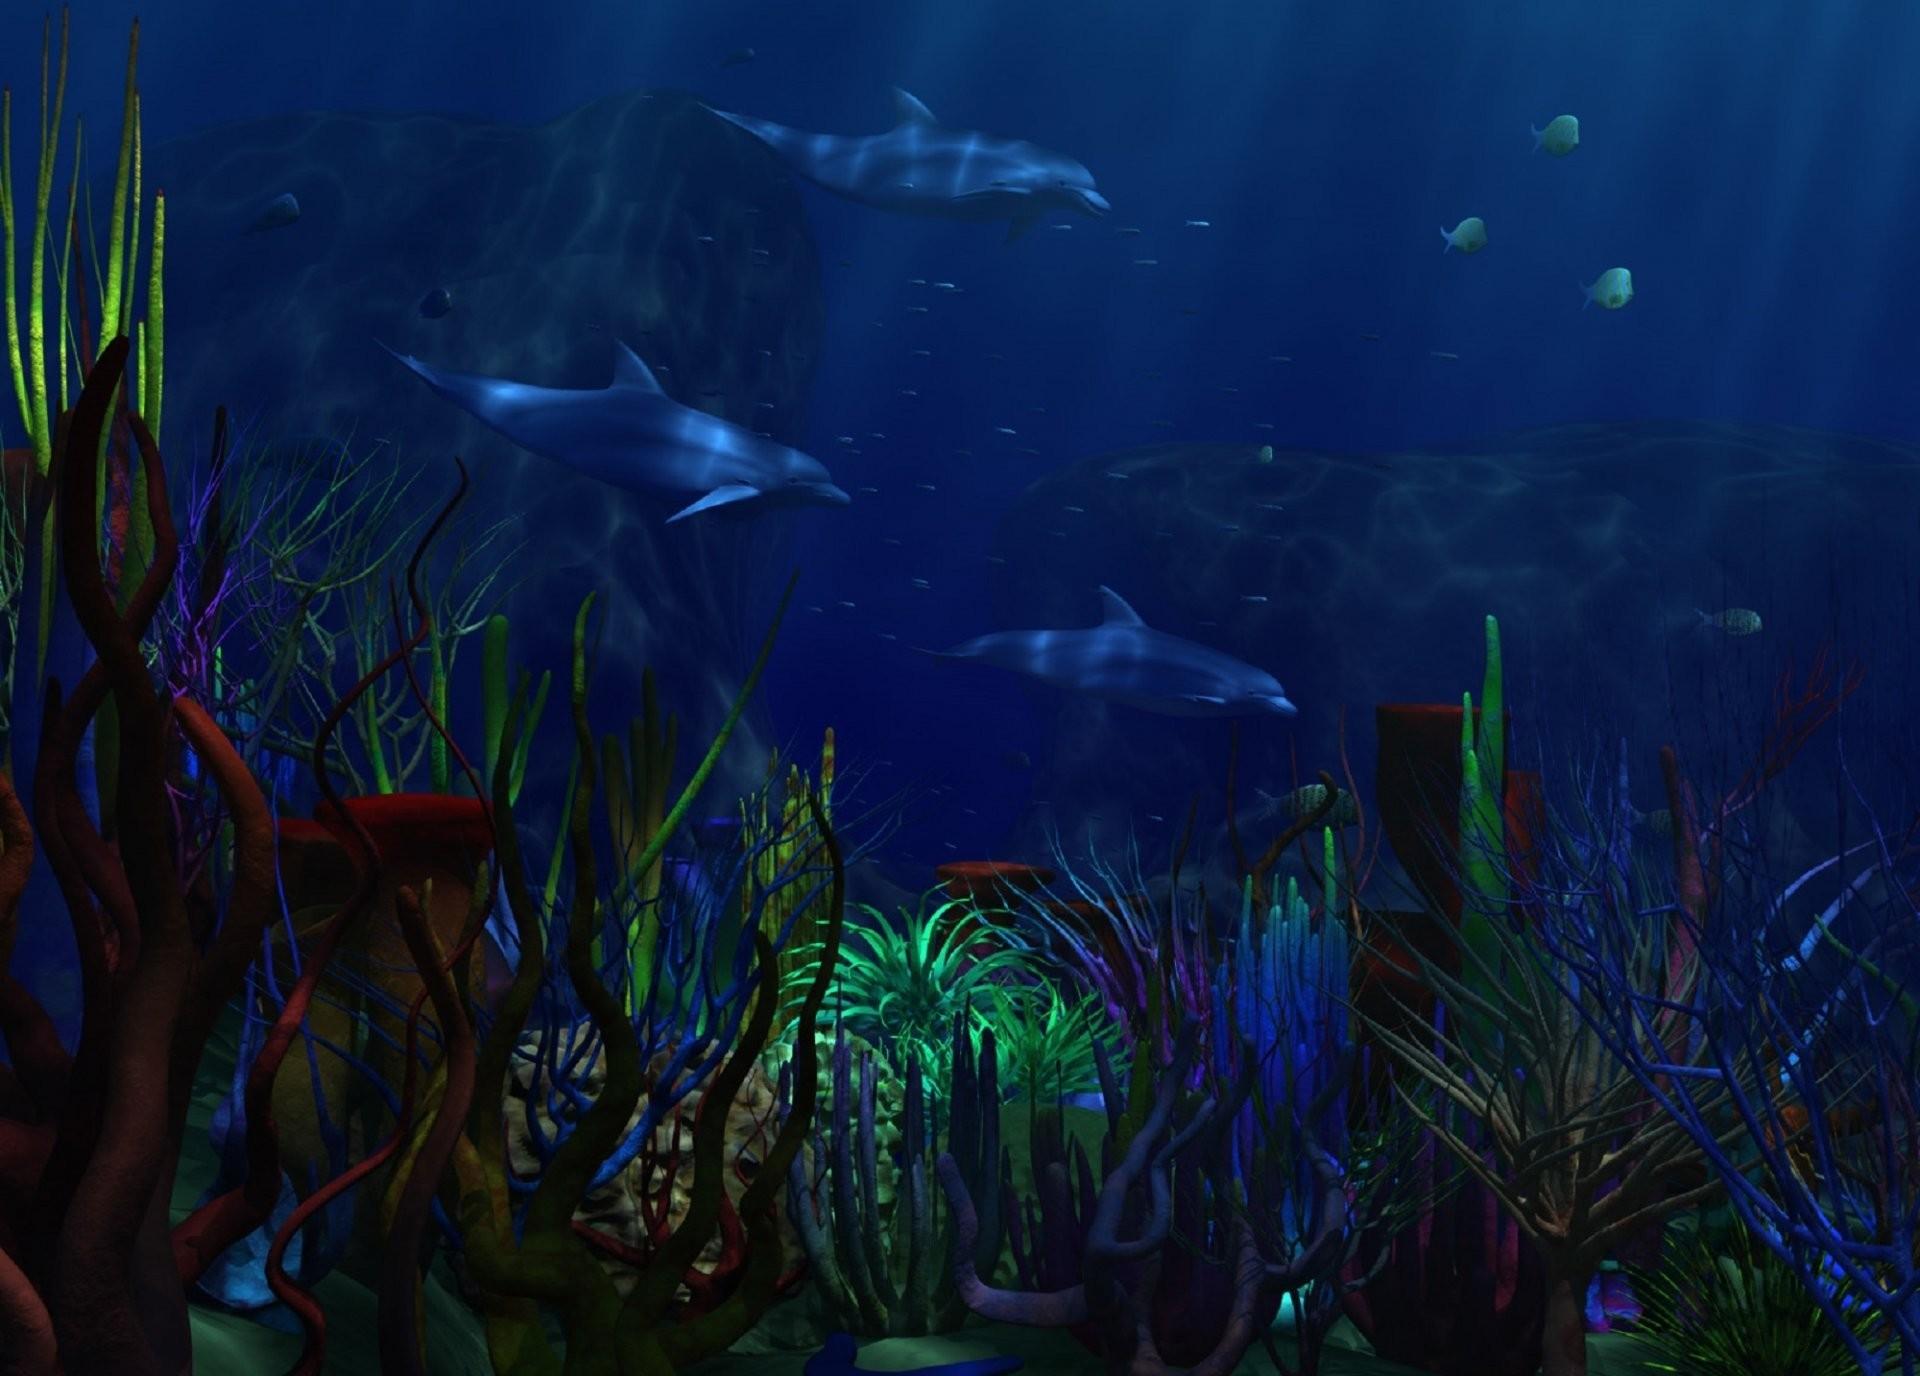 underwater world sea dolphins algae corals . dark blue background .